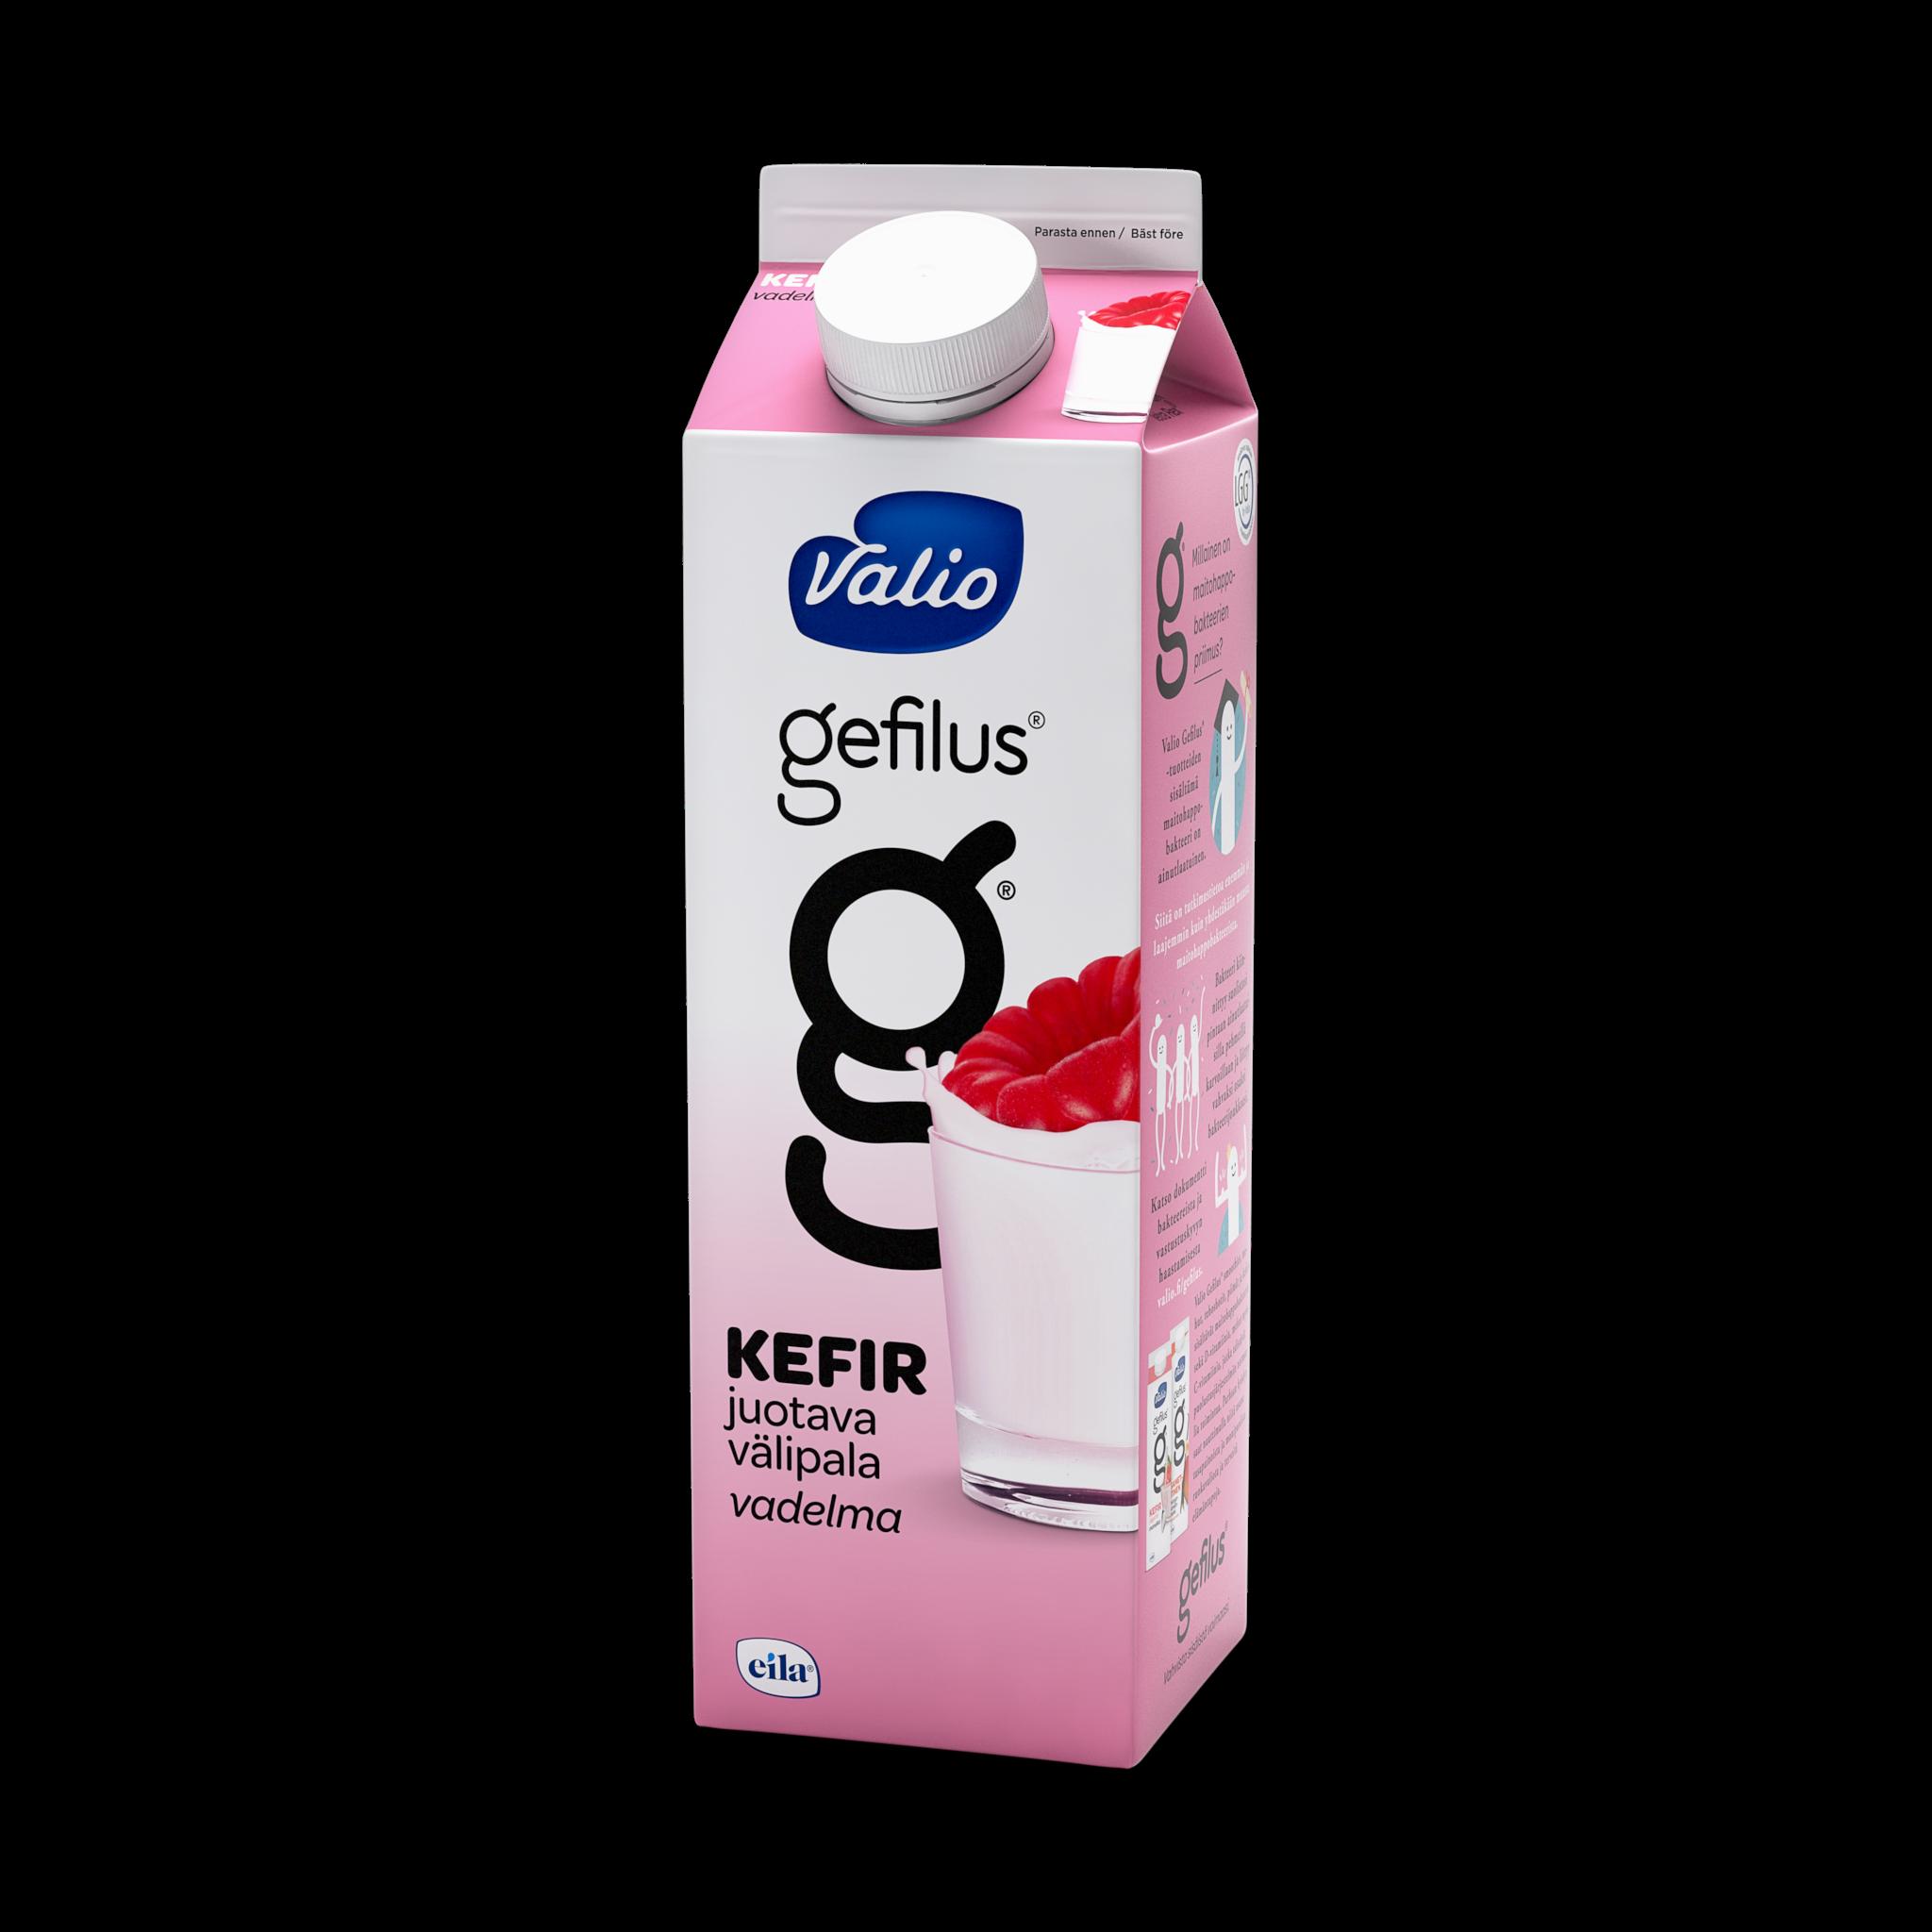 Valio Gefilus® Kefir vadelma laktoositon